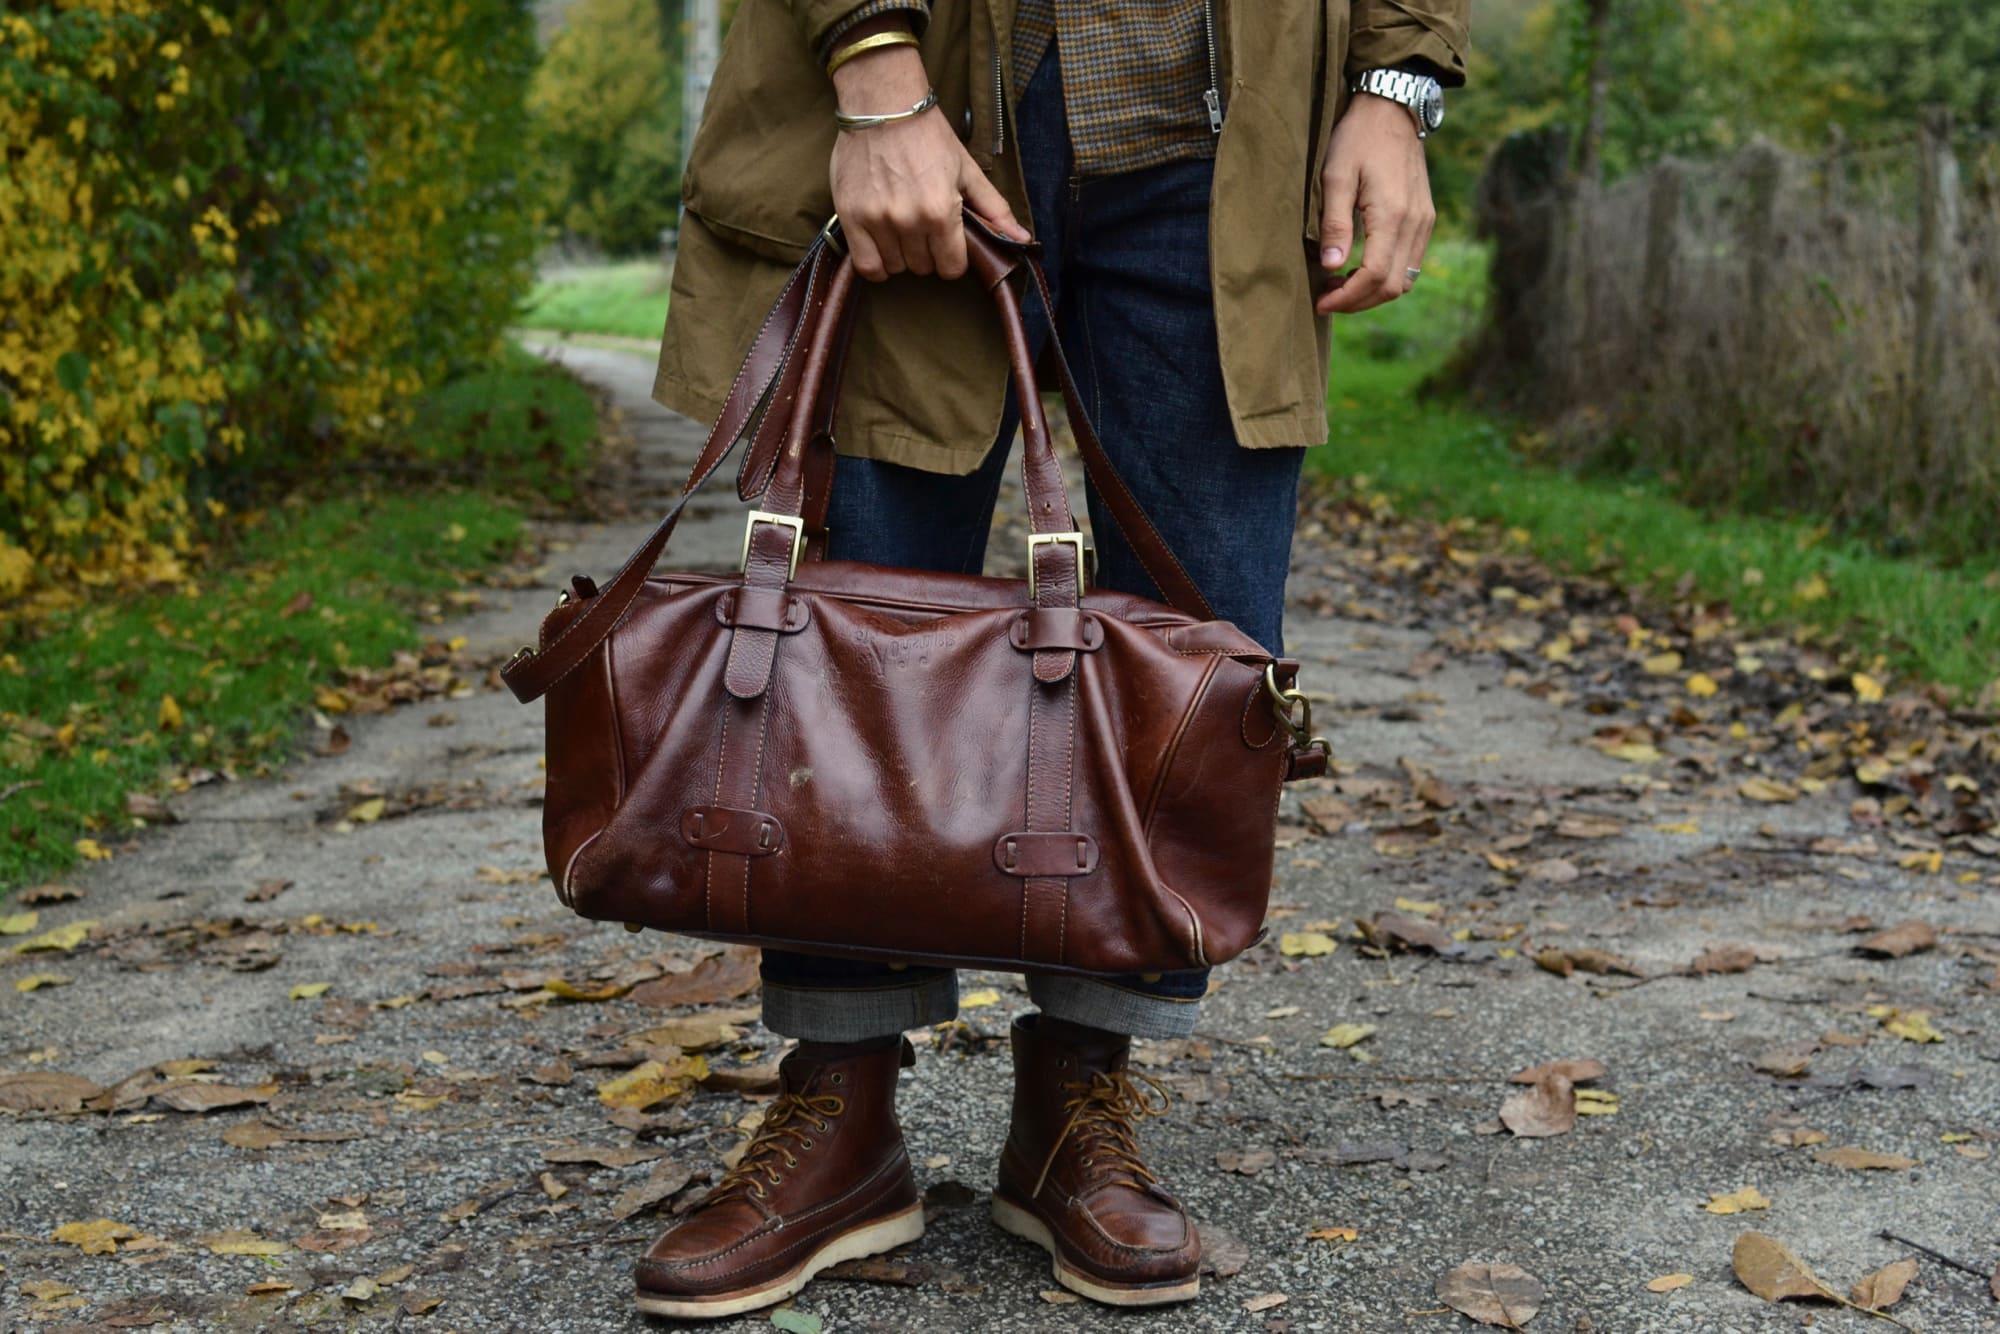 Sac de voyage 48h weekend weekender en cuir italien made in taly leather Frères de Voyagesheritage bag